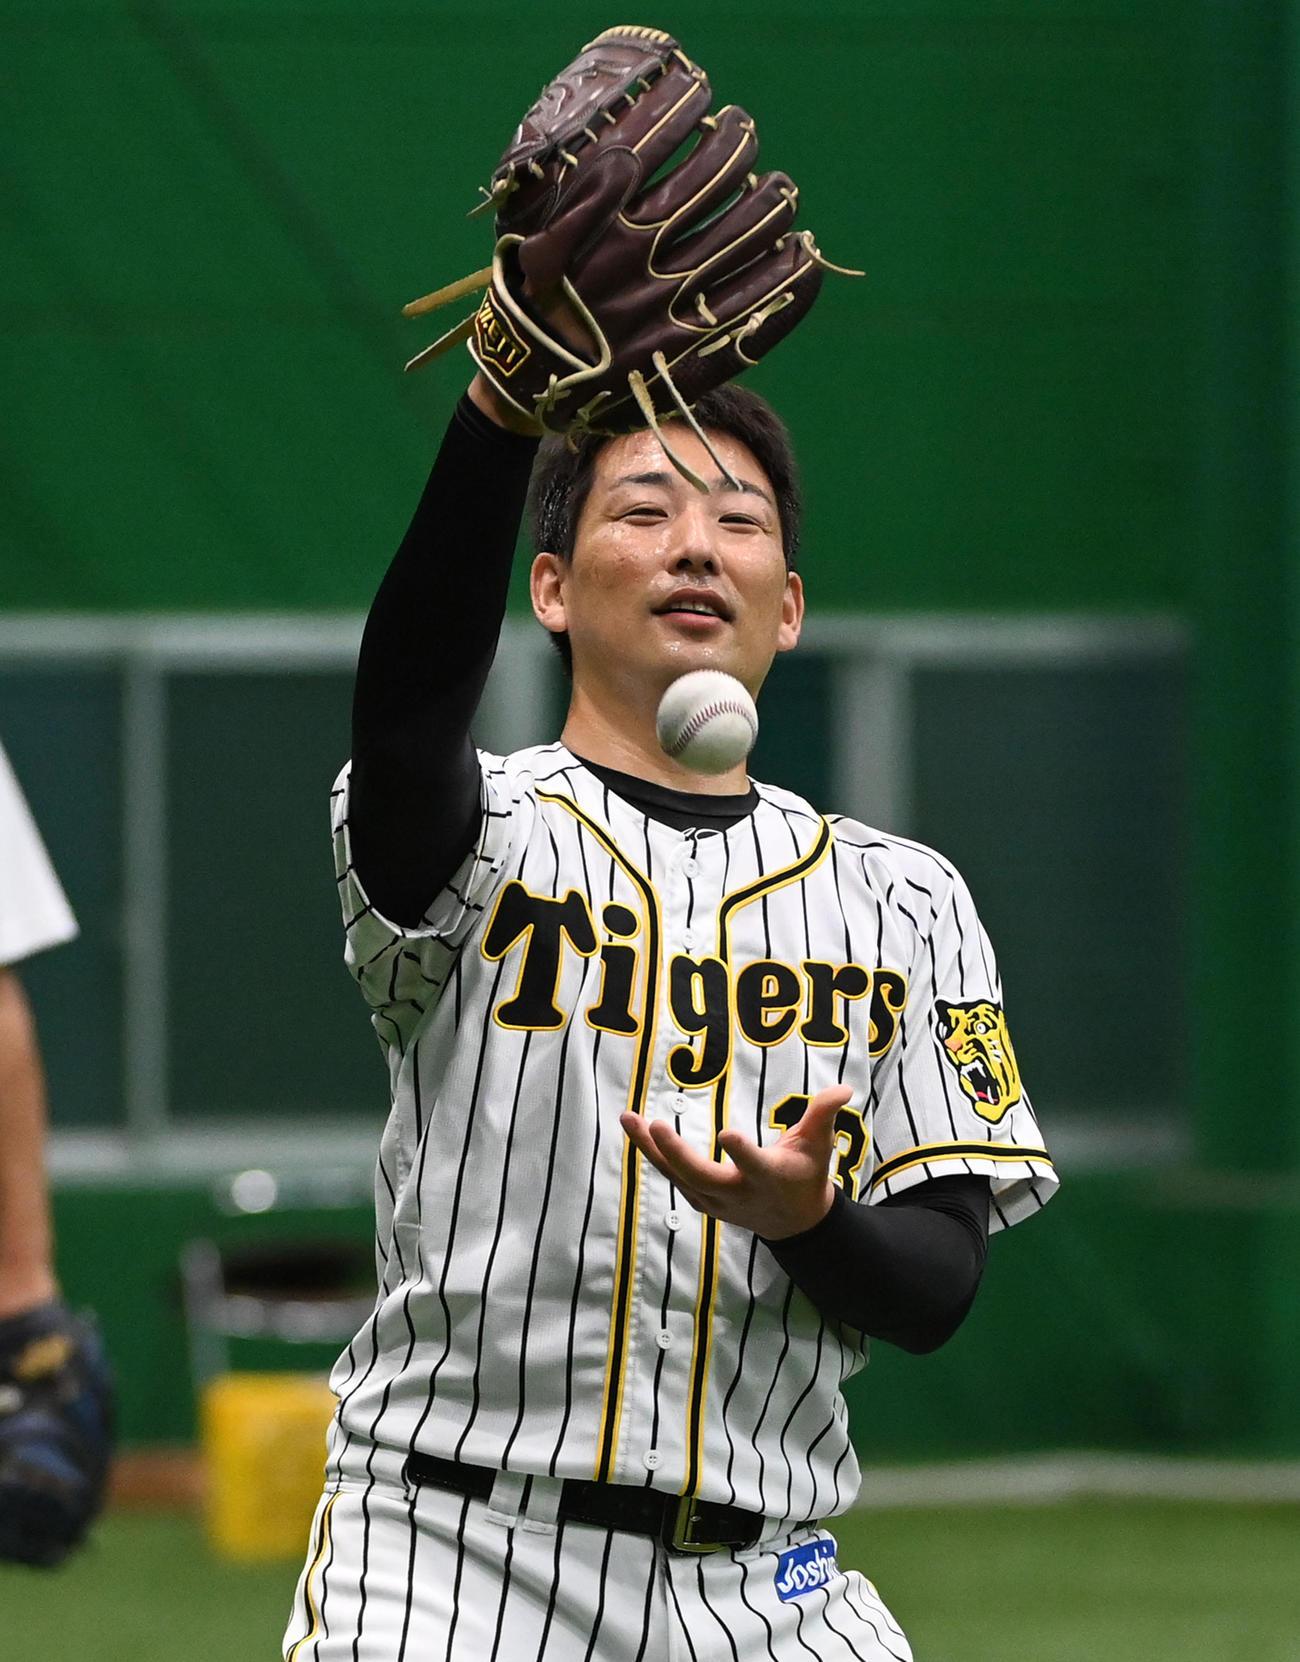 笑顔でキャッチボールを行う岩崎(撮影・前岡正明)